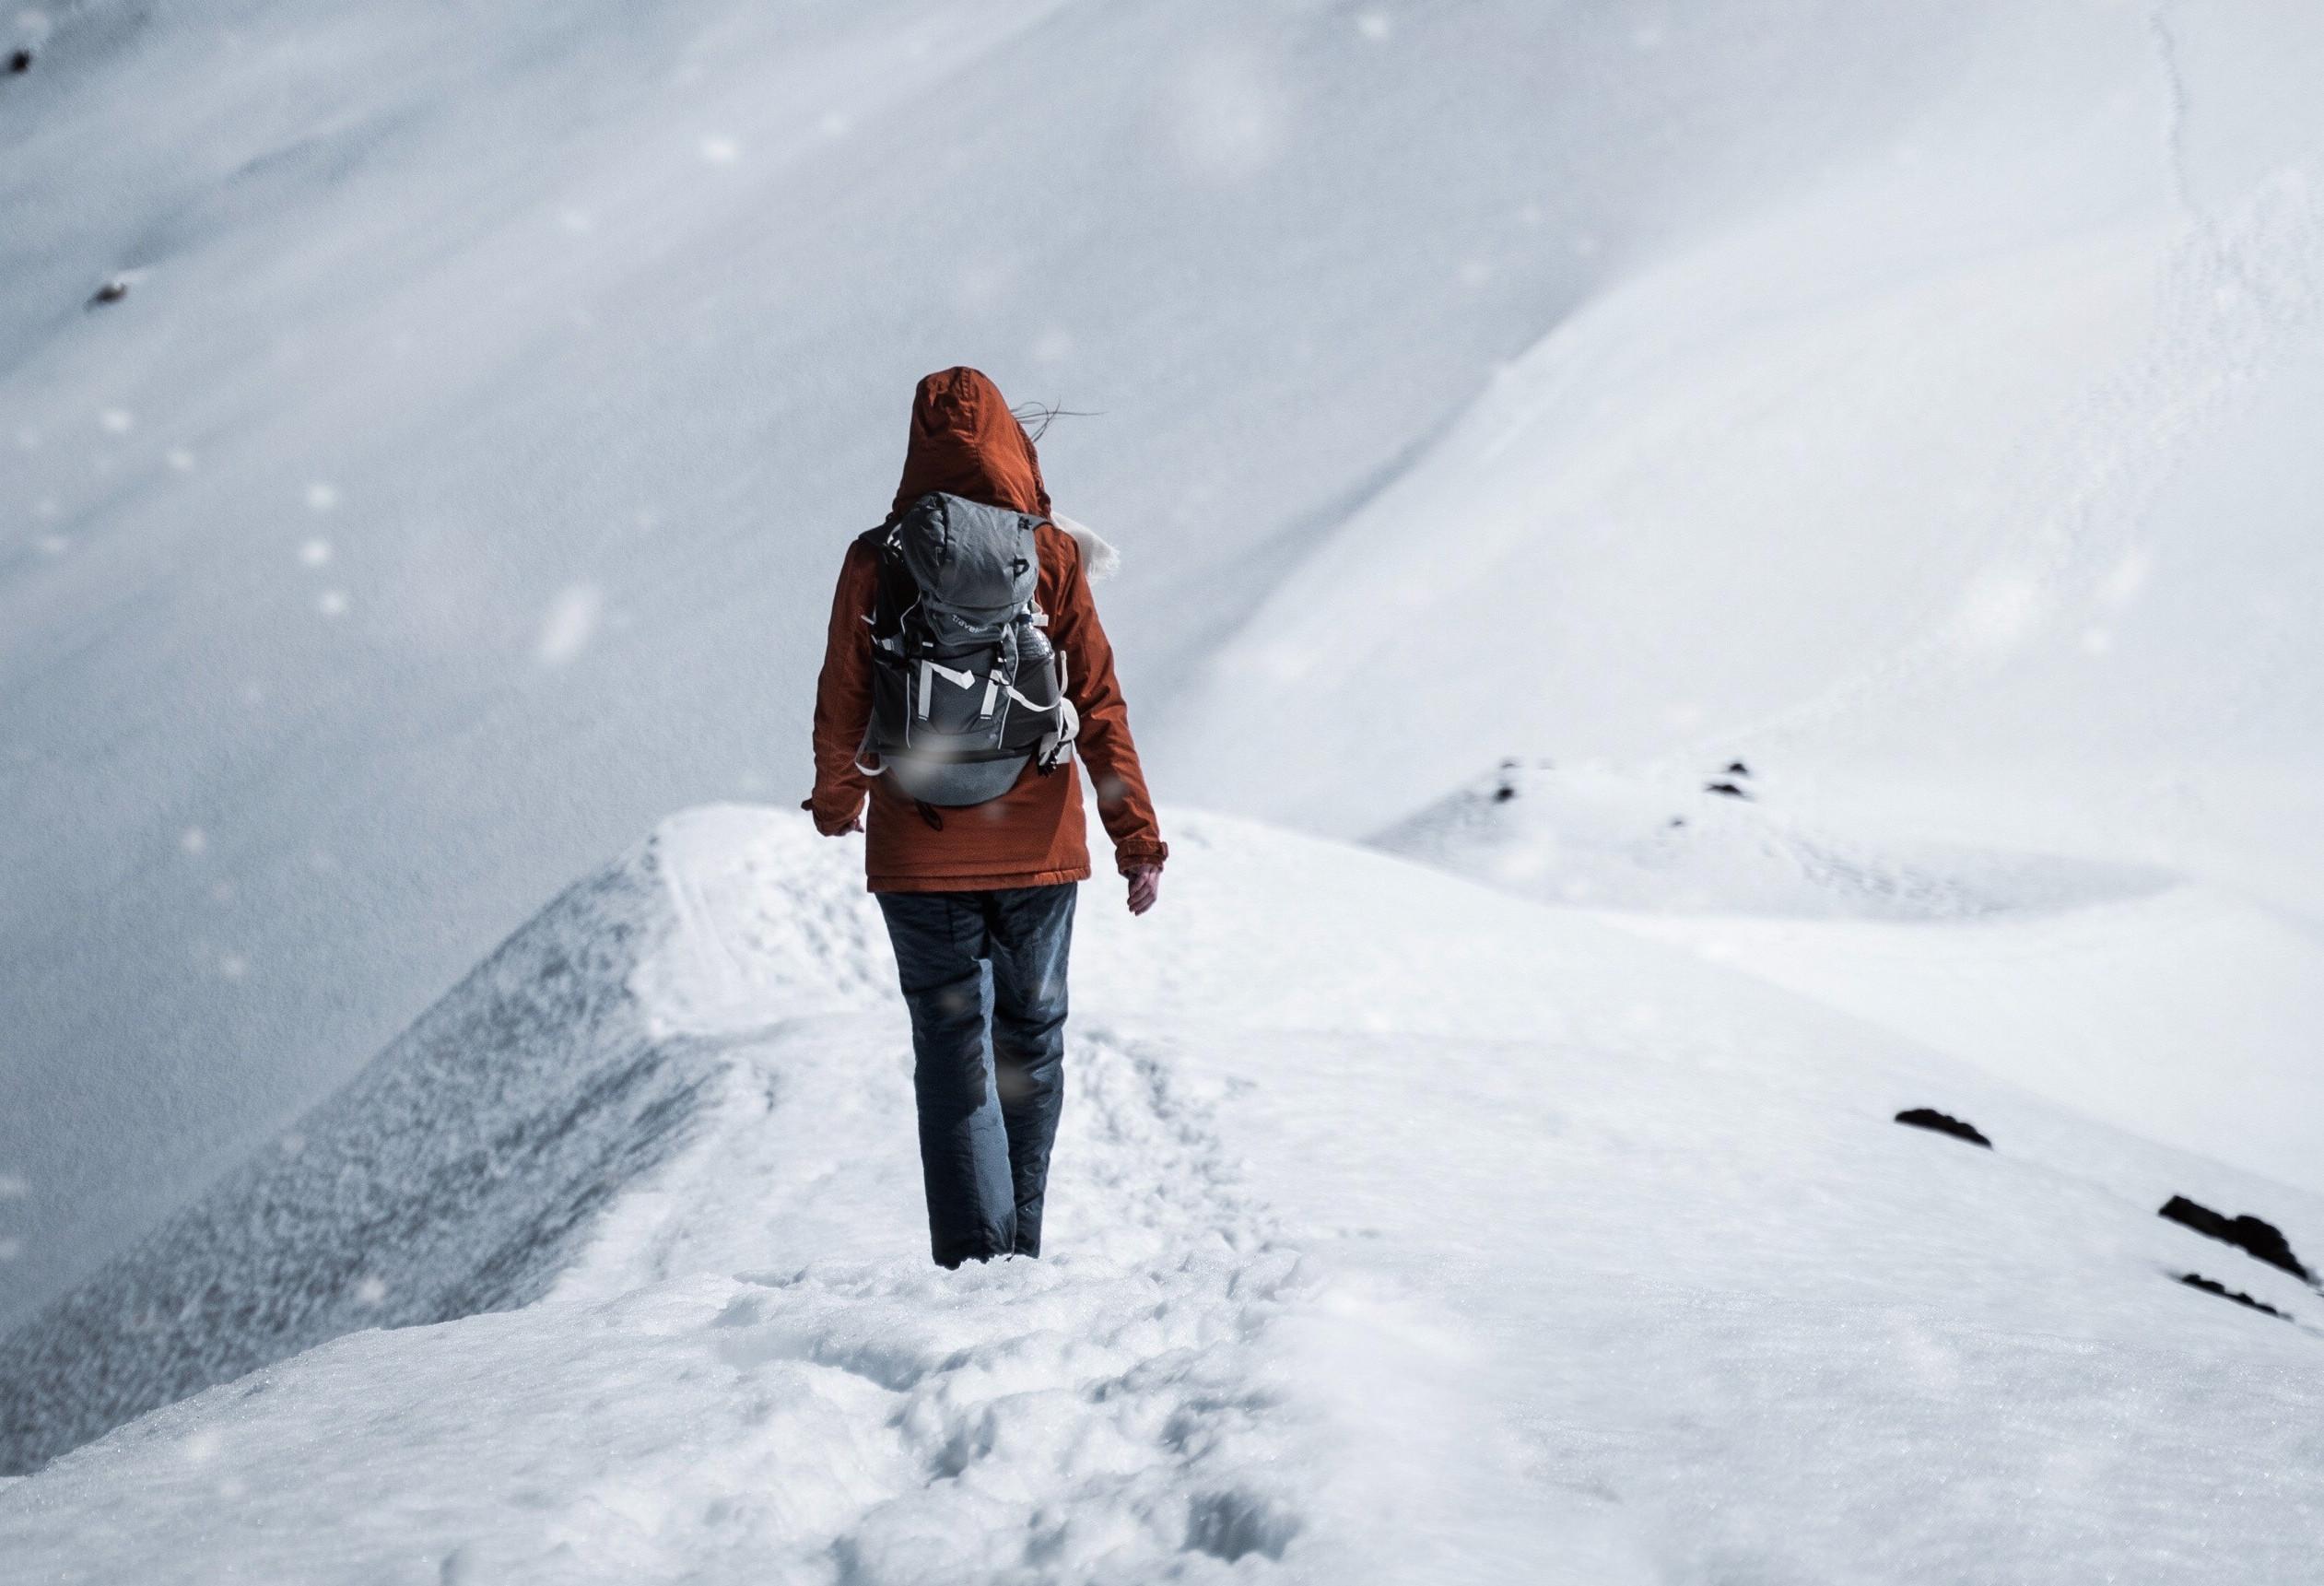 Kobieta spacerująca po śniegu w górach